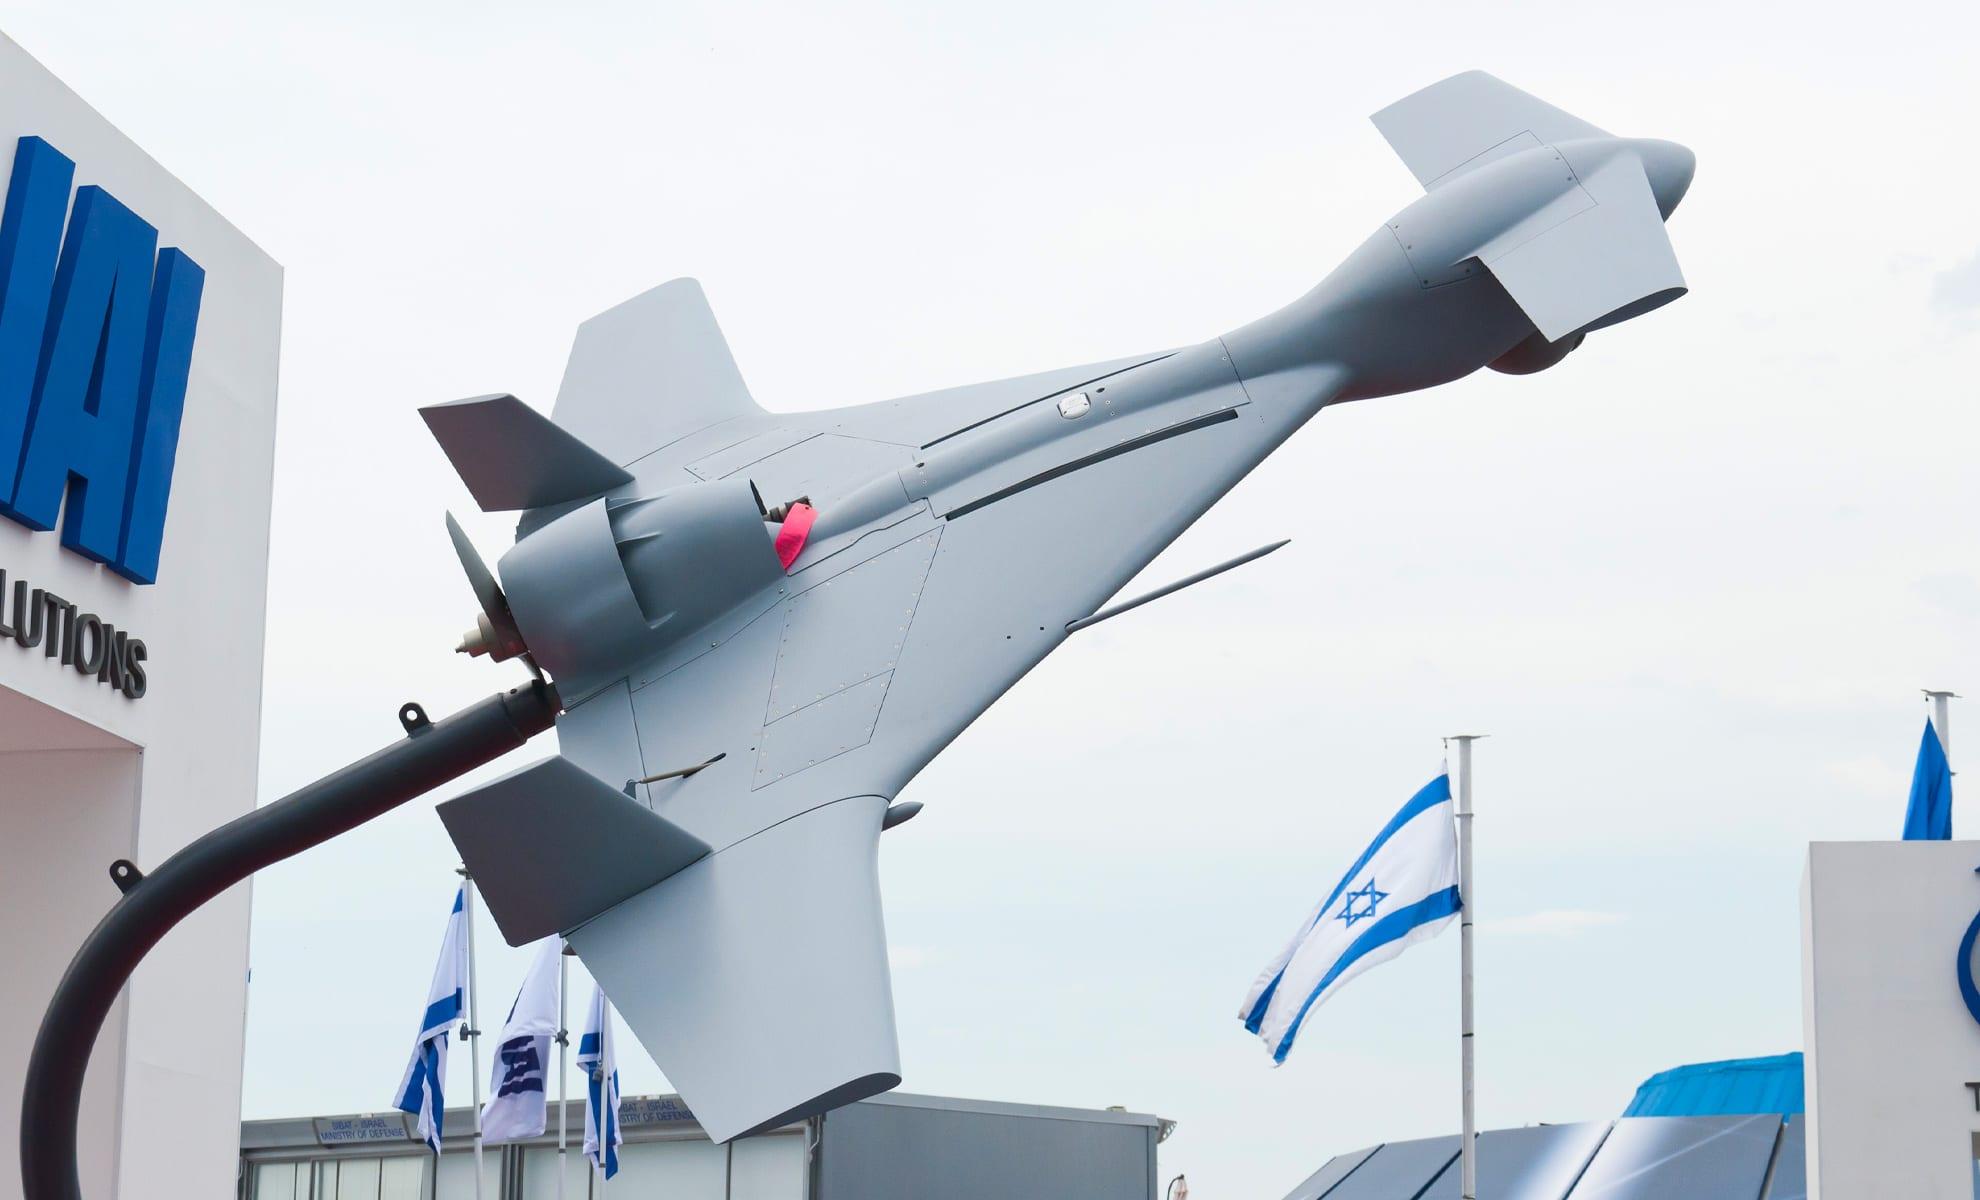 Le Maroc va fabriquer des drones kamikazes en collaboration avec Israël